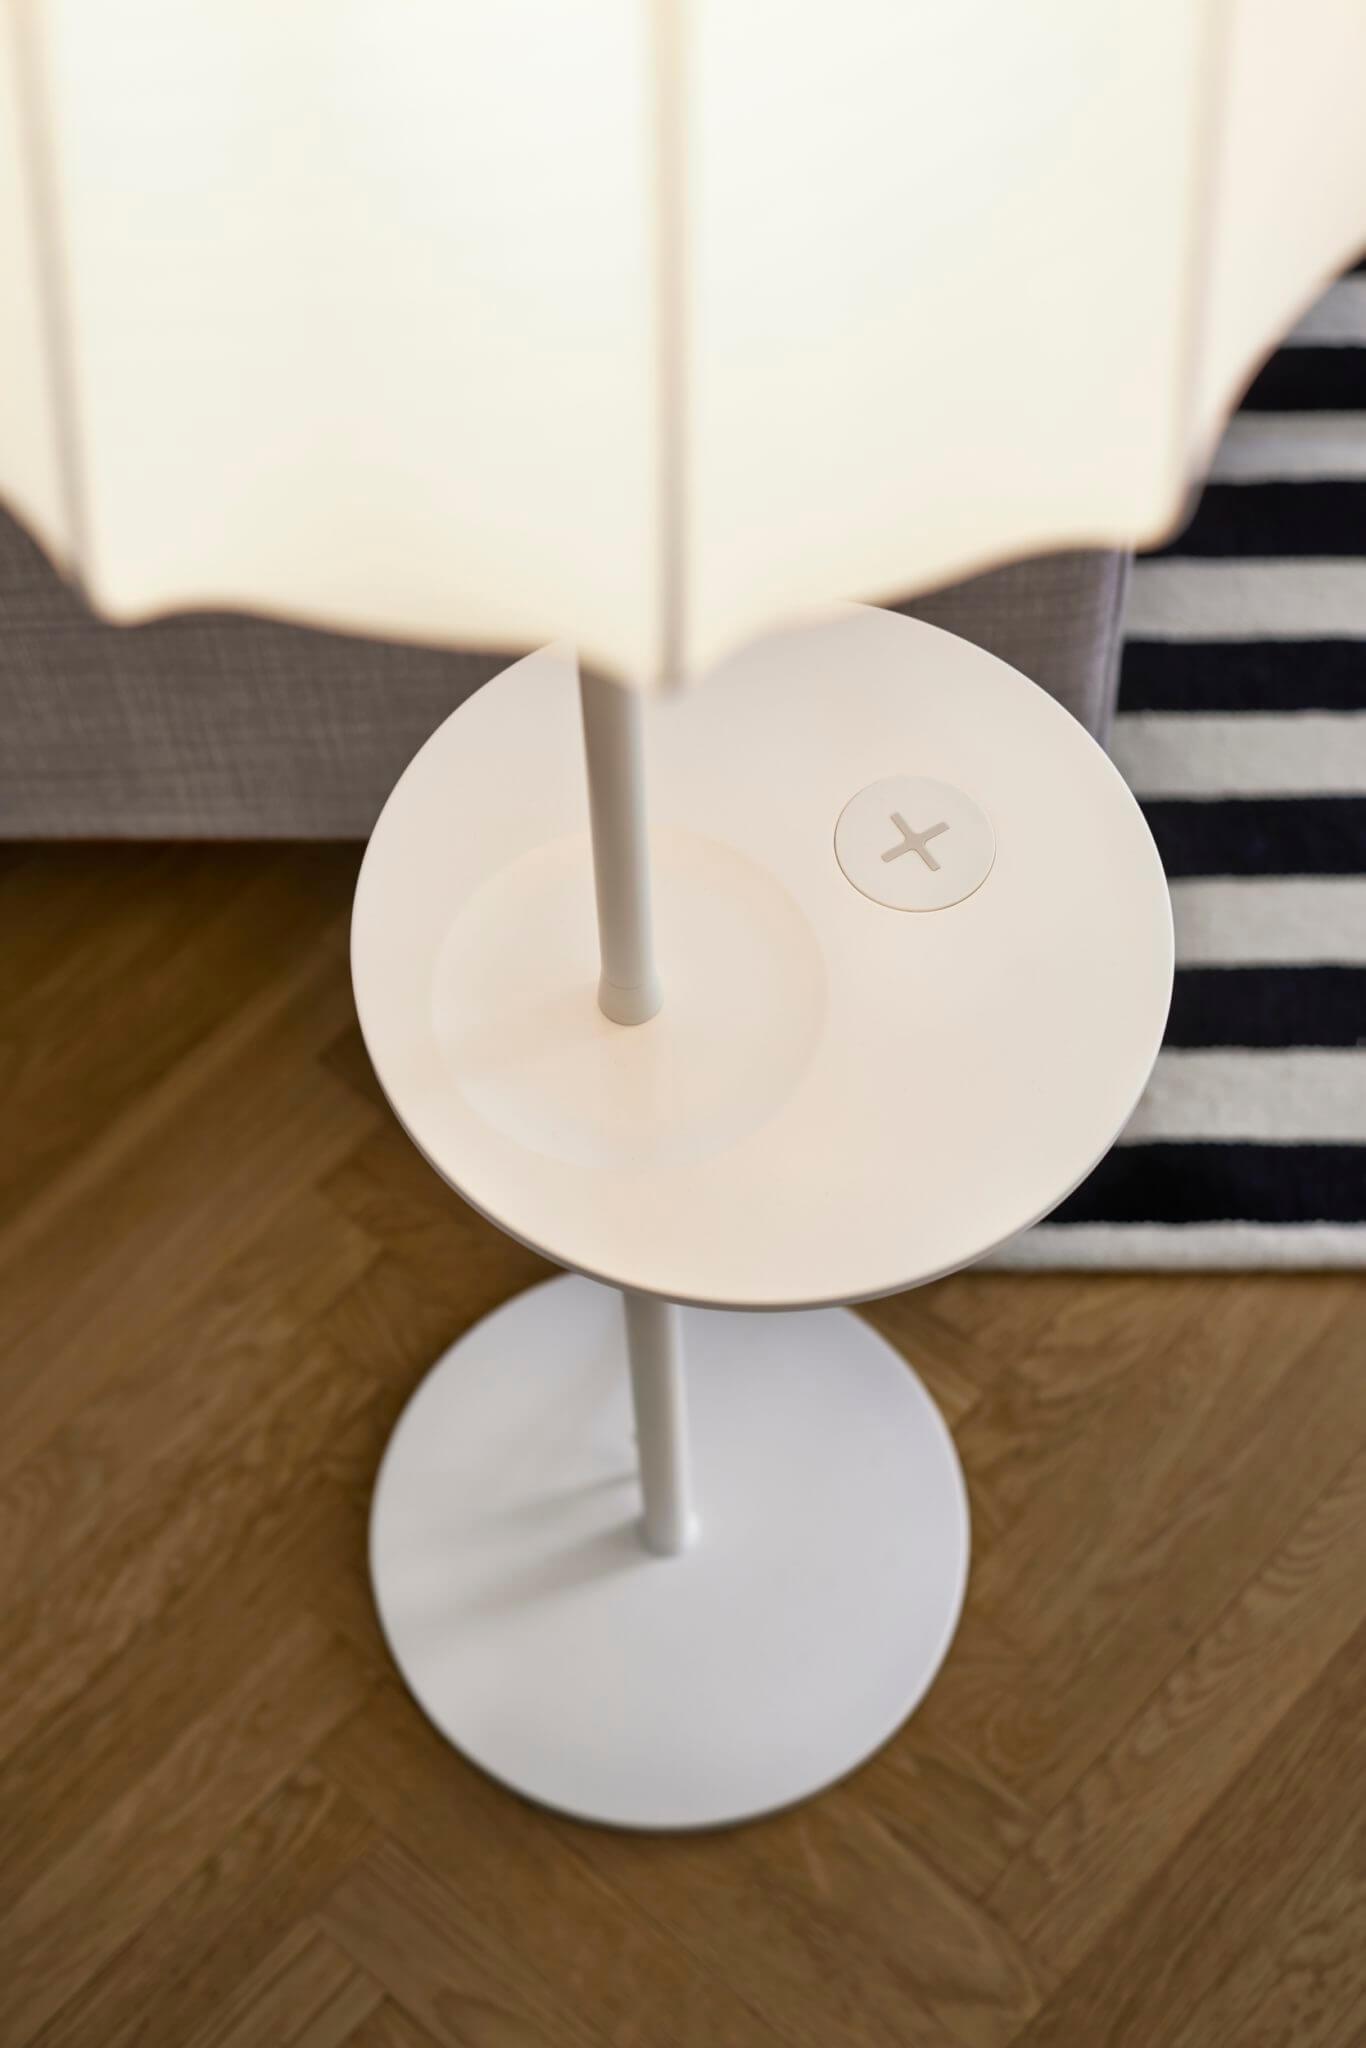 Full Size of Ikea Stehlampe Holz Lampen Und Tische Mit Qi Ladegert Ab April Massivholz Schlafzimmer Fliesen In Holzoptik Bad Esstisch Rustikal Miniküche Holzplatte Bett Wohnzimmer Ikea Stehlampe Holz